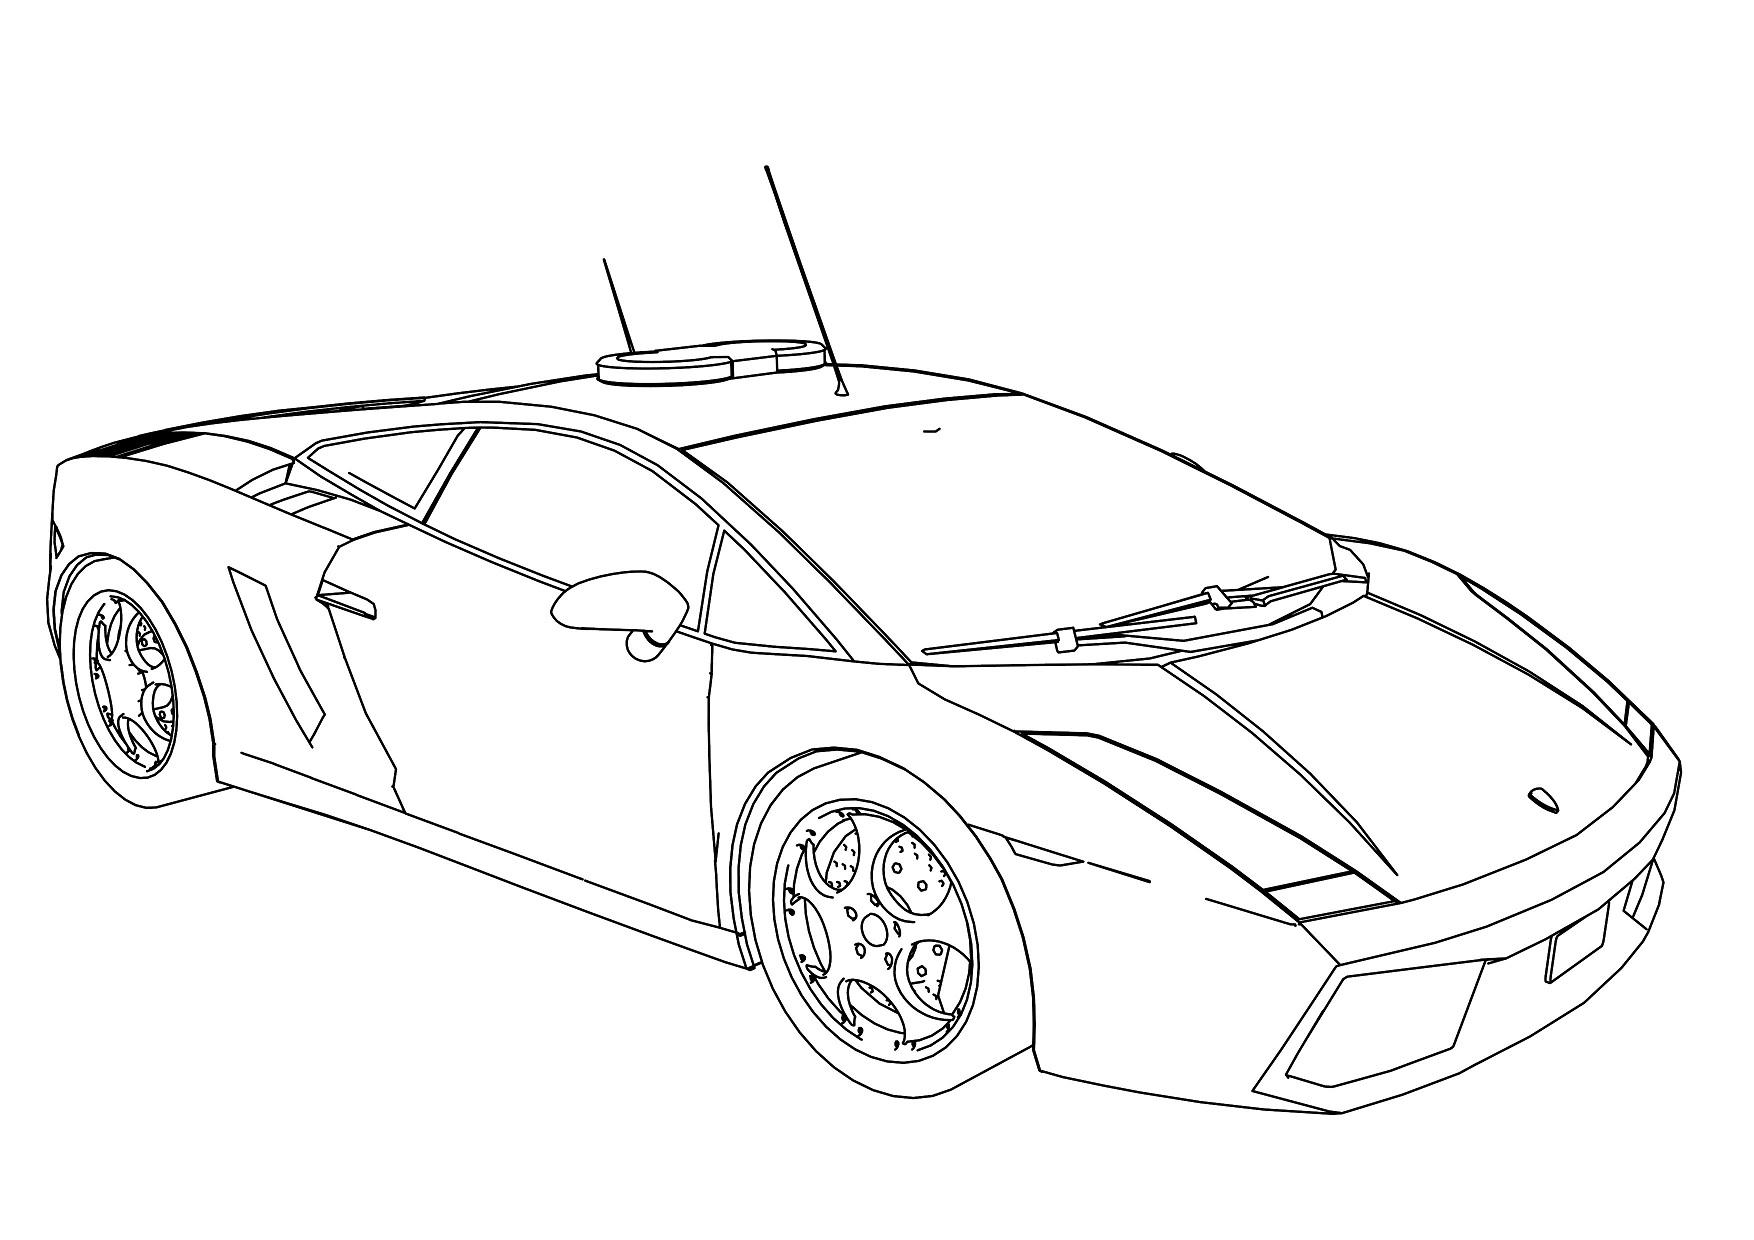 Lamborghini Aventador Drawing Outline At Getdrawings